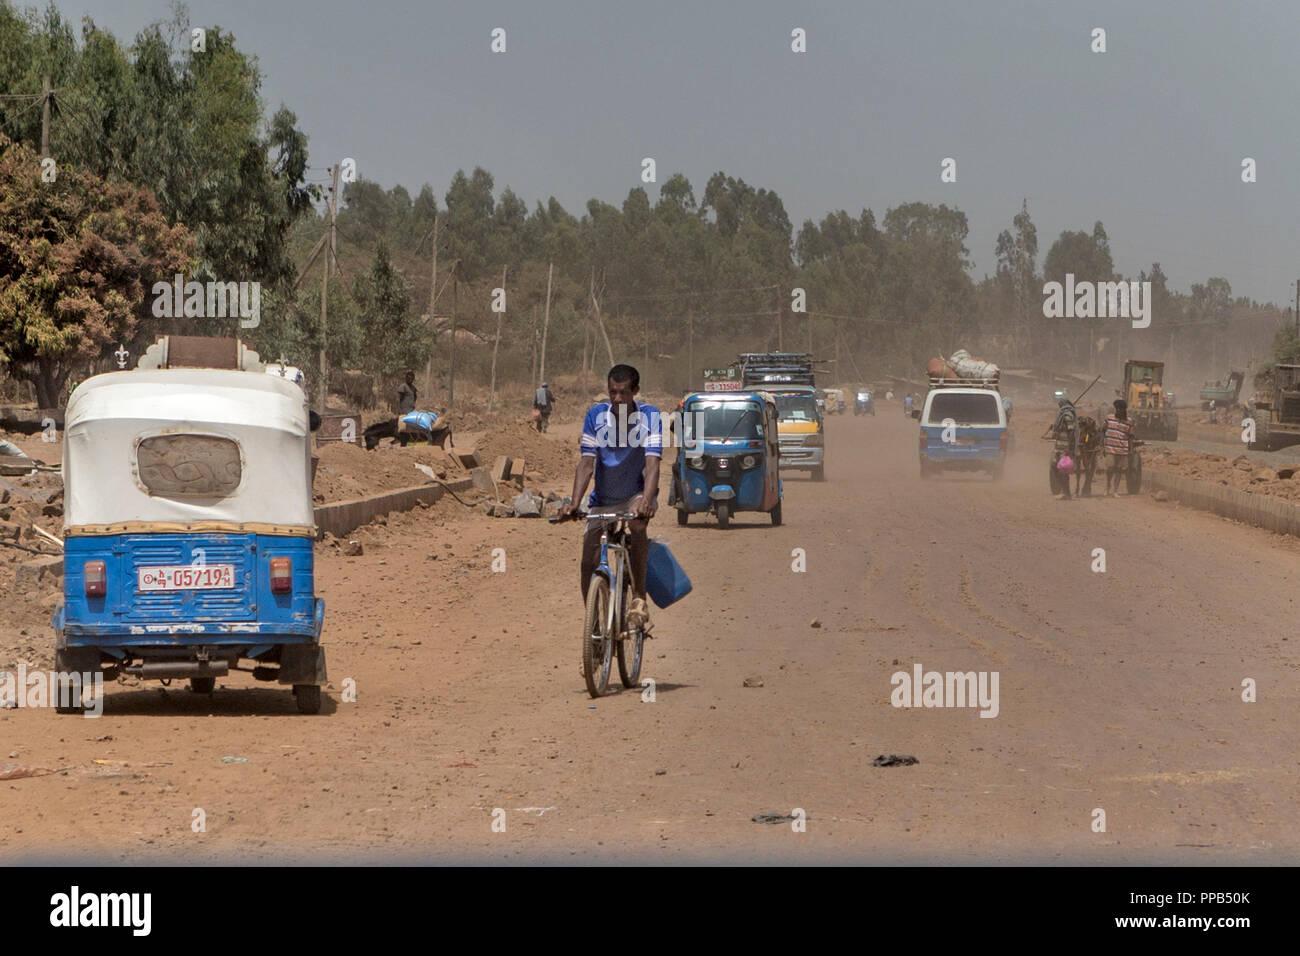 Polverosa pista sterrata dal blu Nilo A Bahir Dar, Etiopia - nuova costruzione di strade con vari mezzi di trasporto Immagini Stock